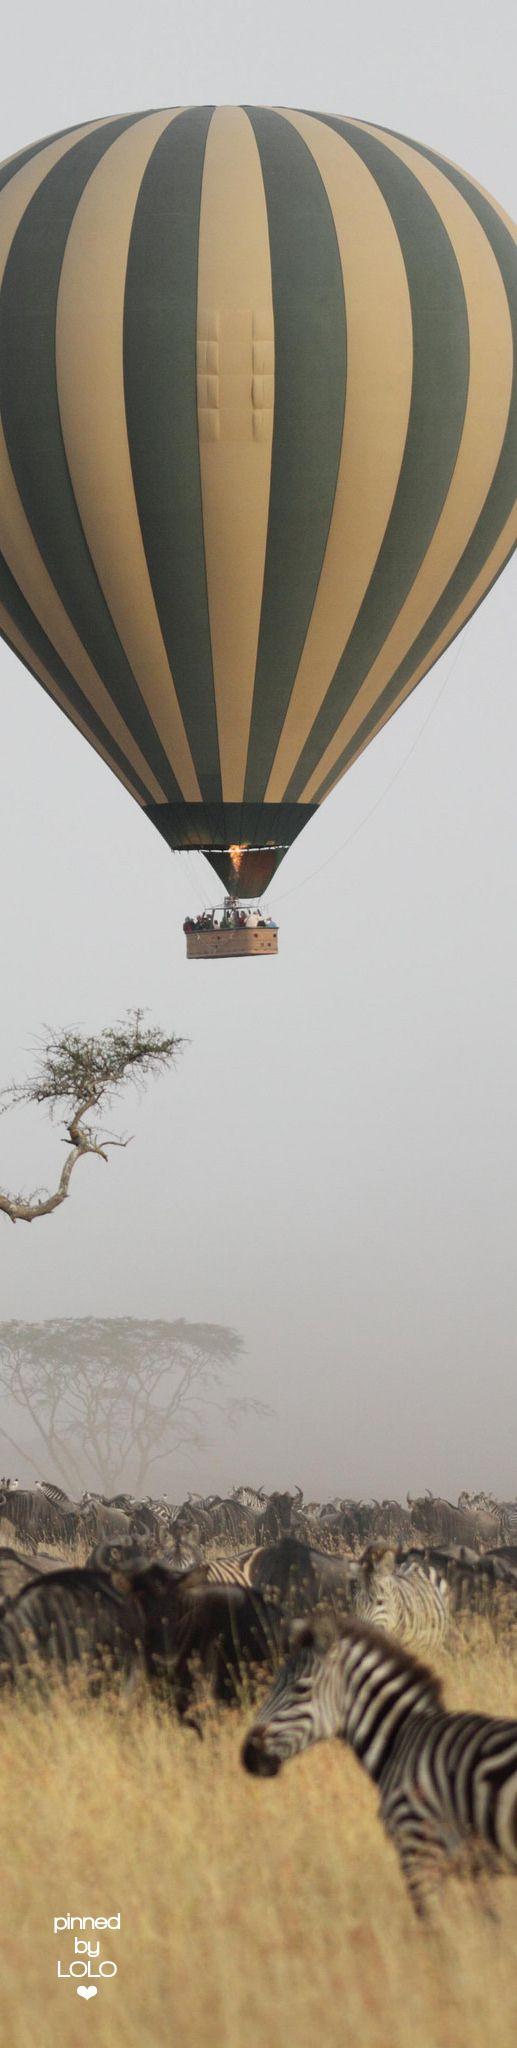 Serengeti |